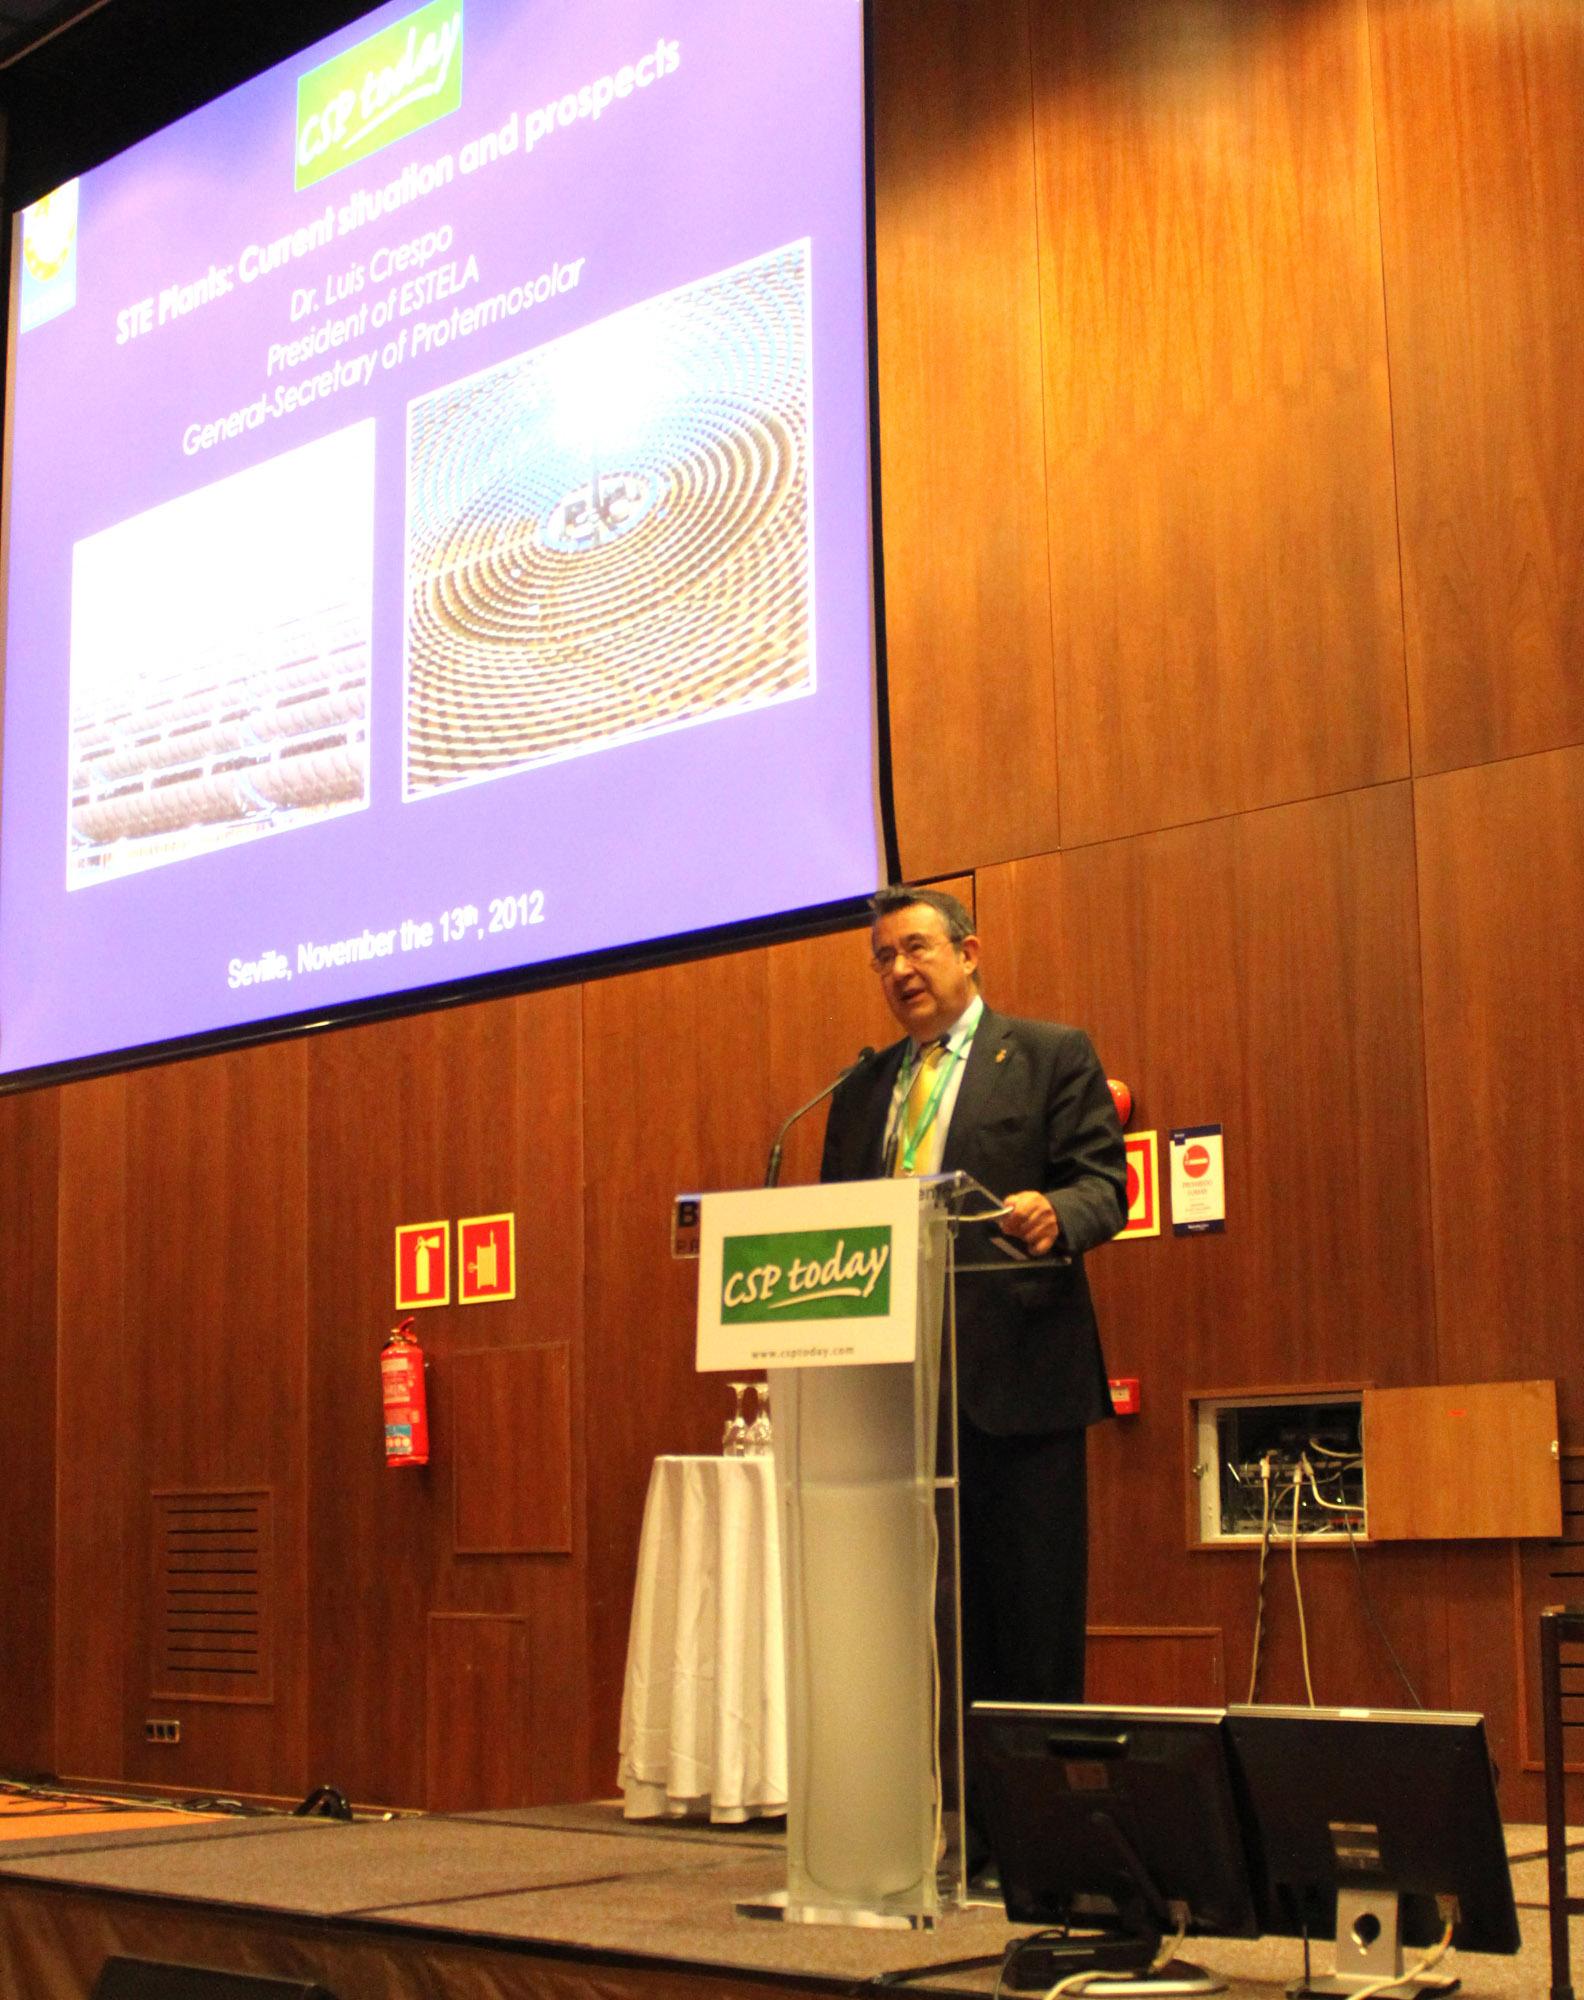 Energías renovables: Luis Crespo, reeligido presidente de la Asociación de Energía Termosolar Europea.